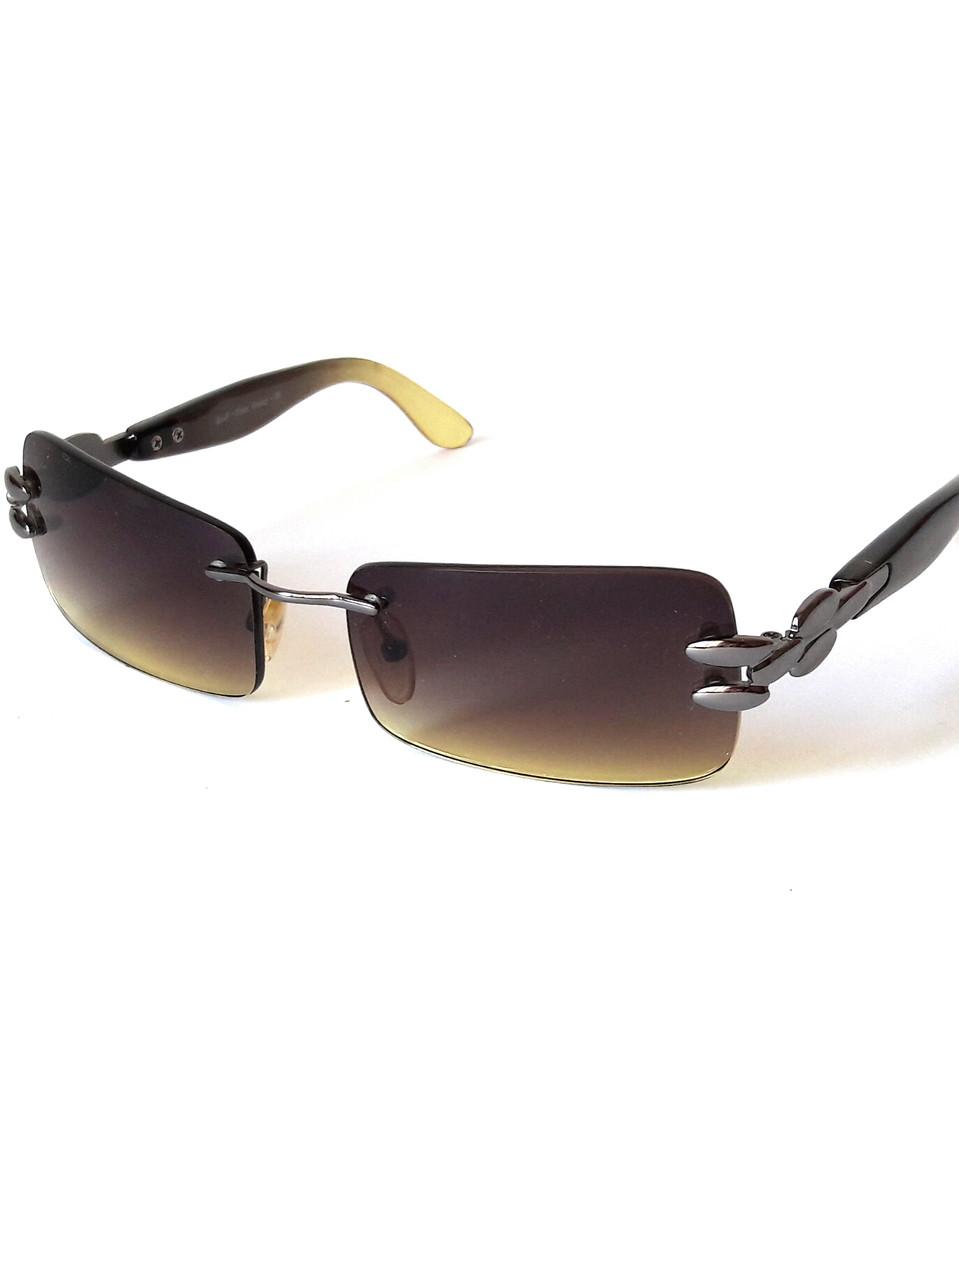 Сонцезахисні фірмові окуляри Diva Einar Group USA, жіночі